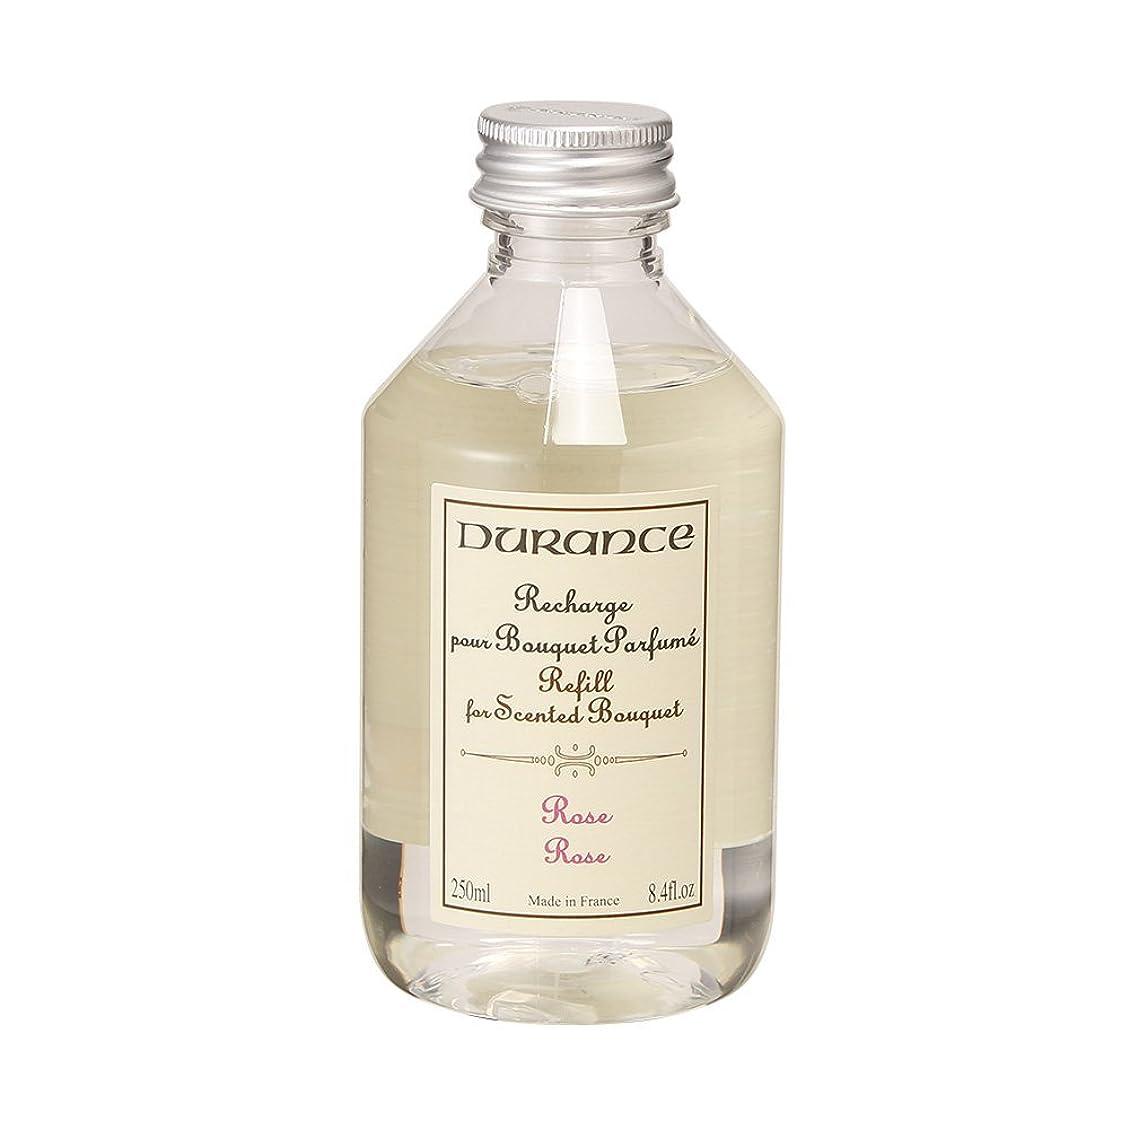 ピグマリオン期待する絶望的な【DURANCE】[ デュランス ] スティック型芳香剤 フレグランスブーケ リフィル Scented Bouquet refill ローズ 045512-7 フレグランス ブーケ [並行輸入品]